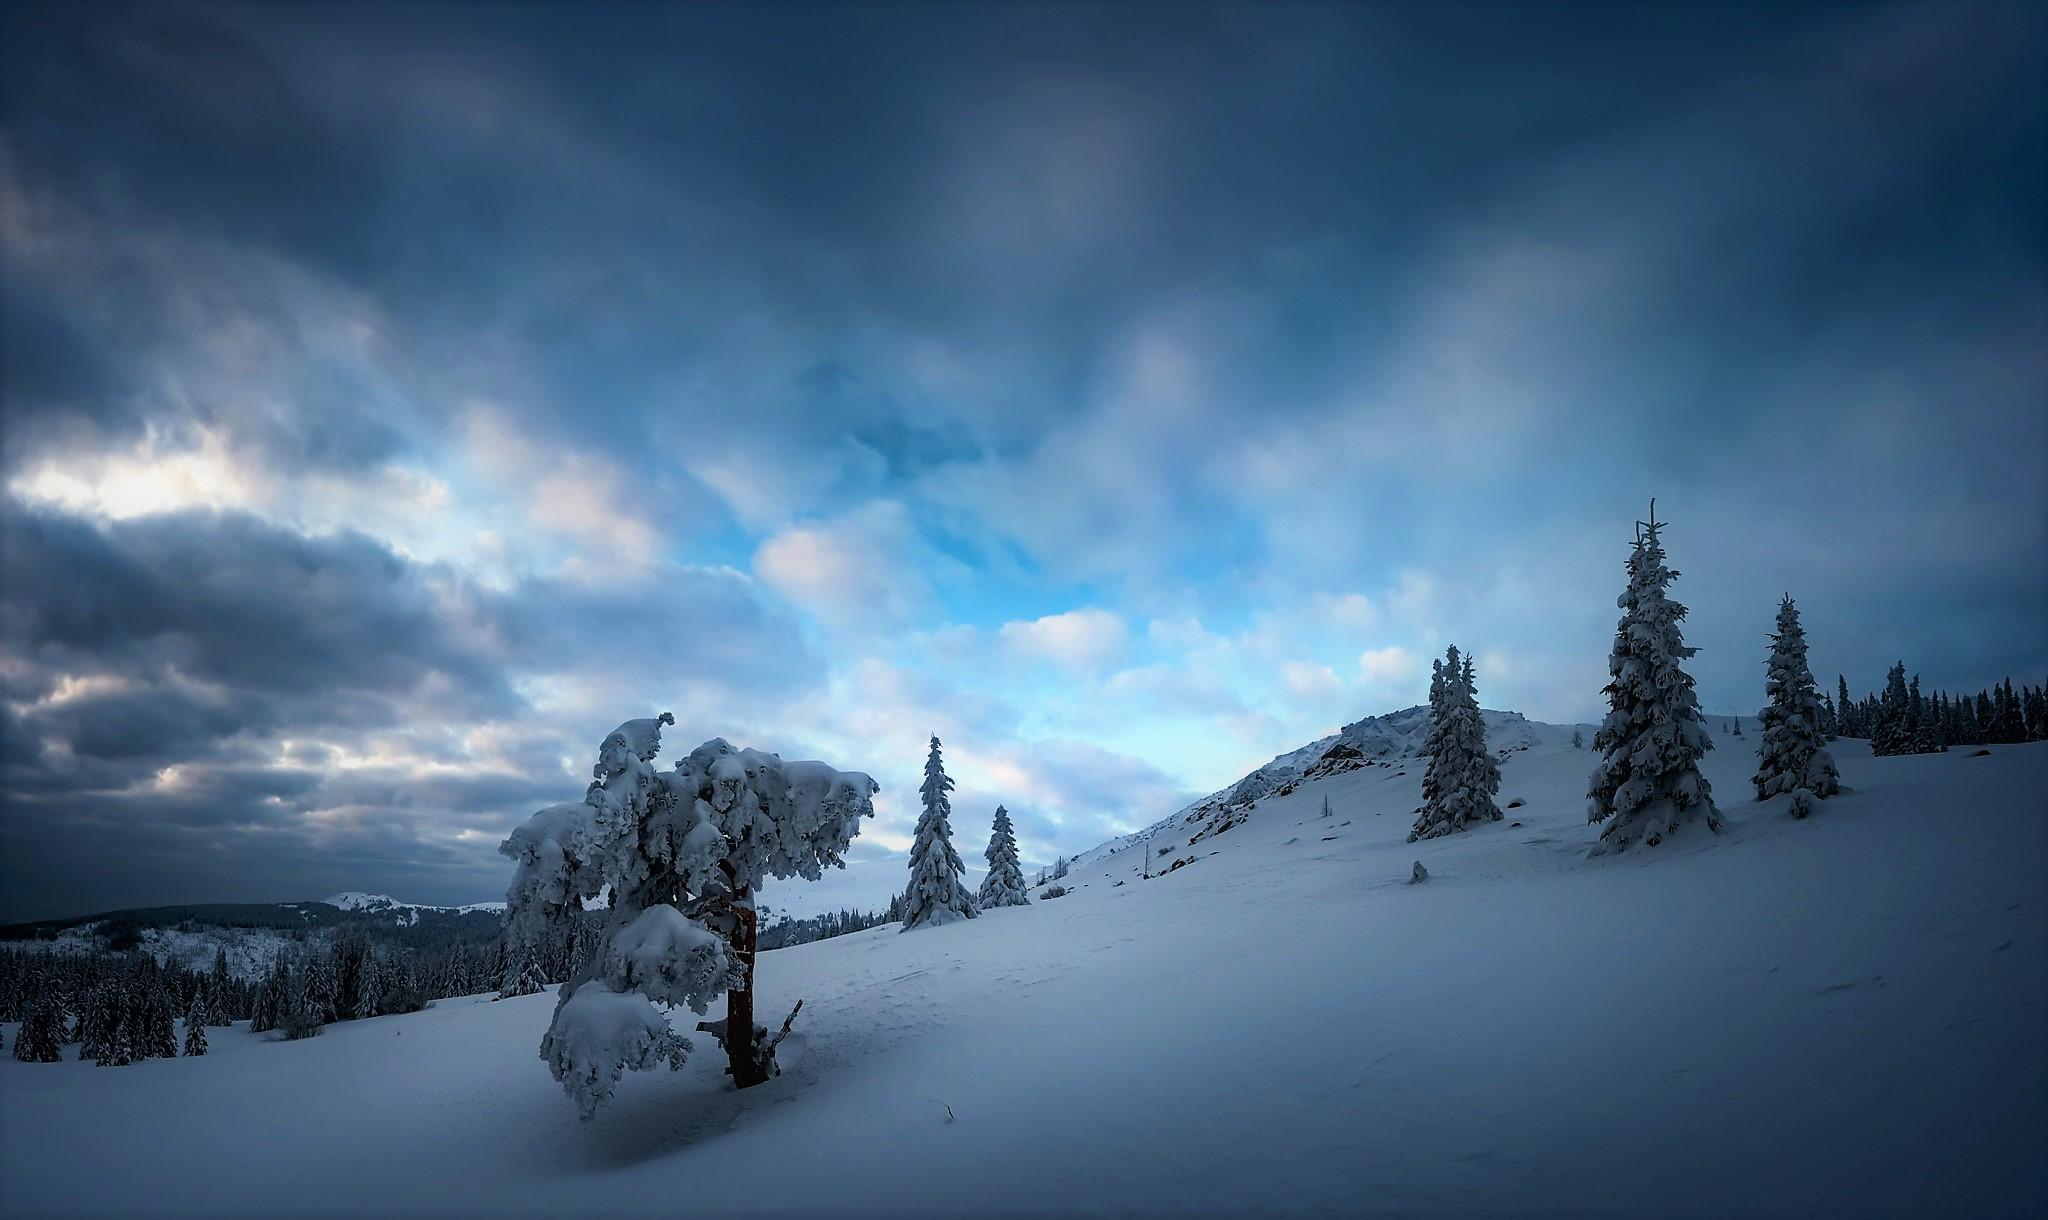 Tree Snow Cloud Sky 2048x1220